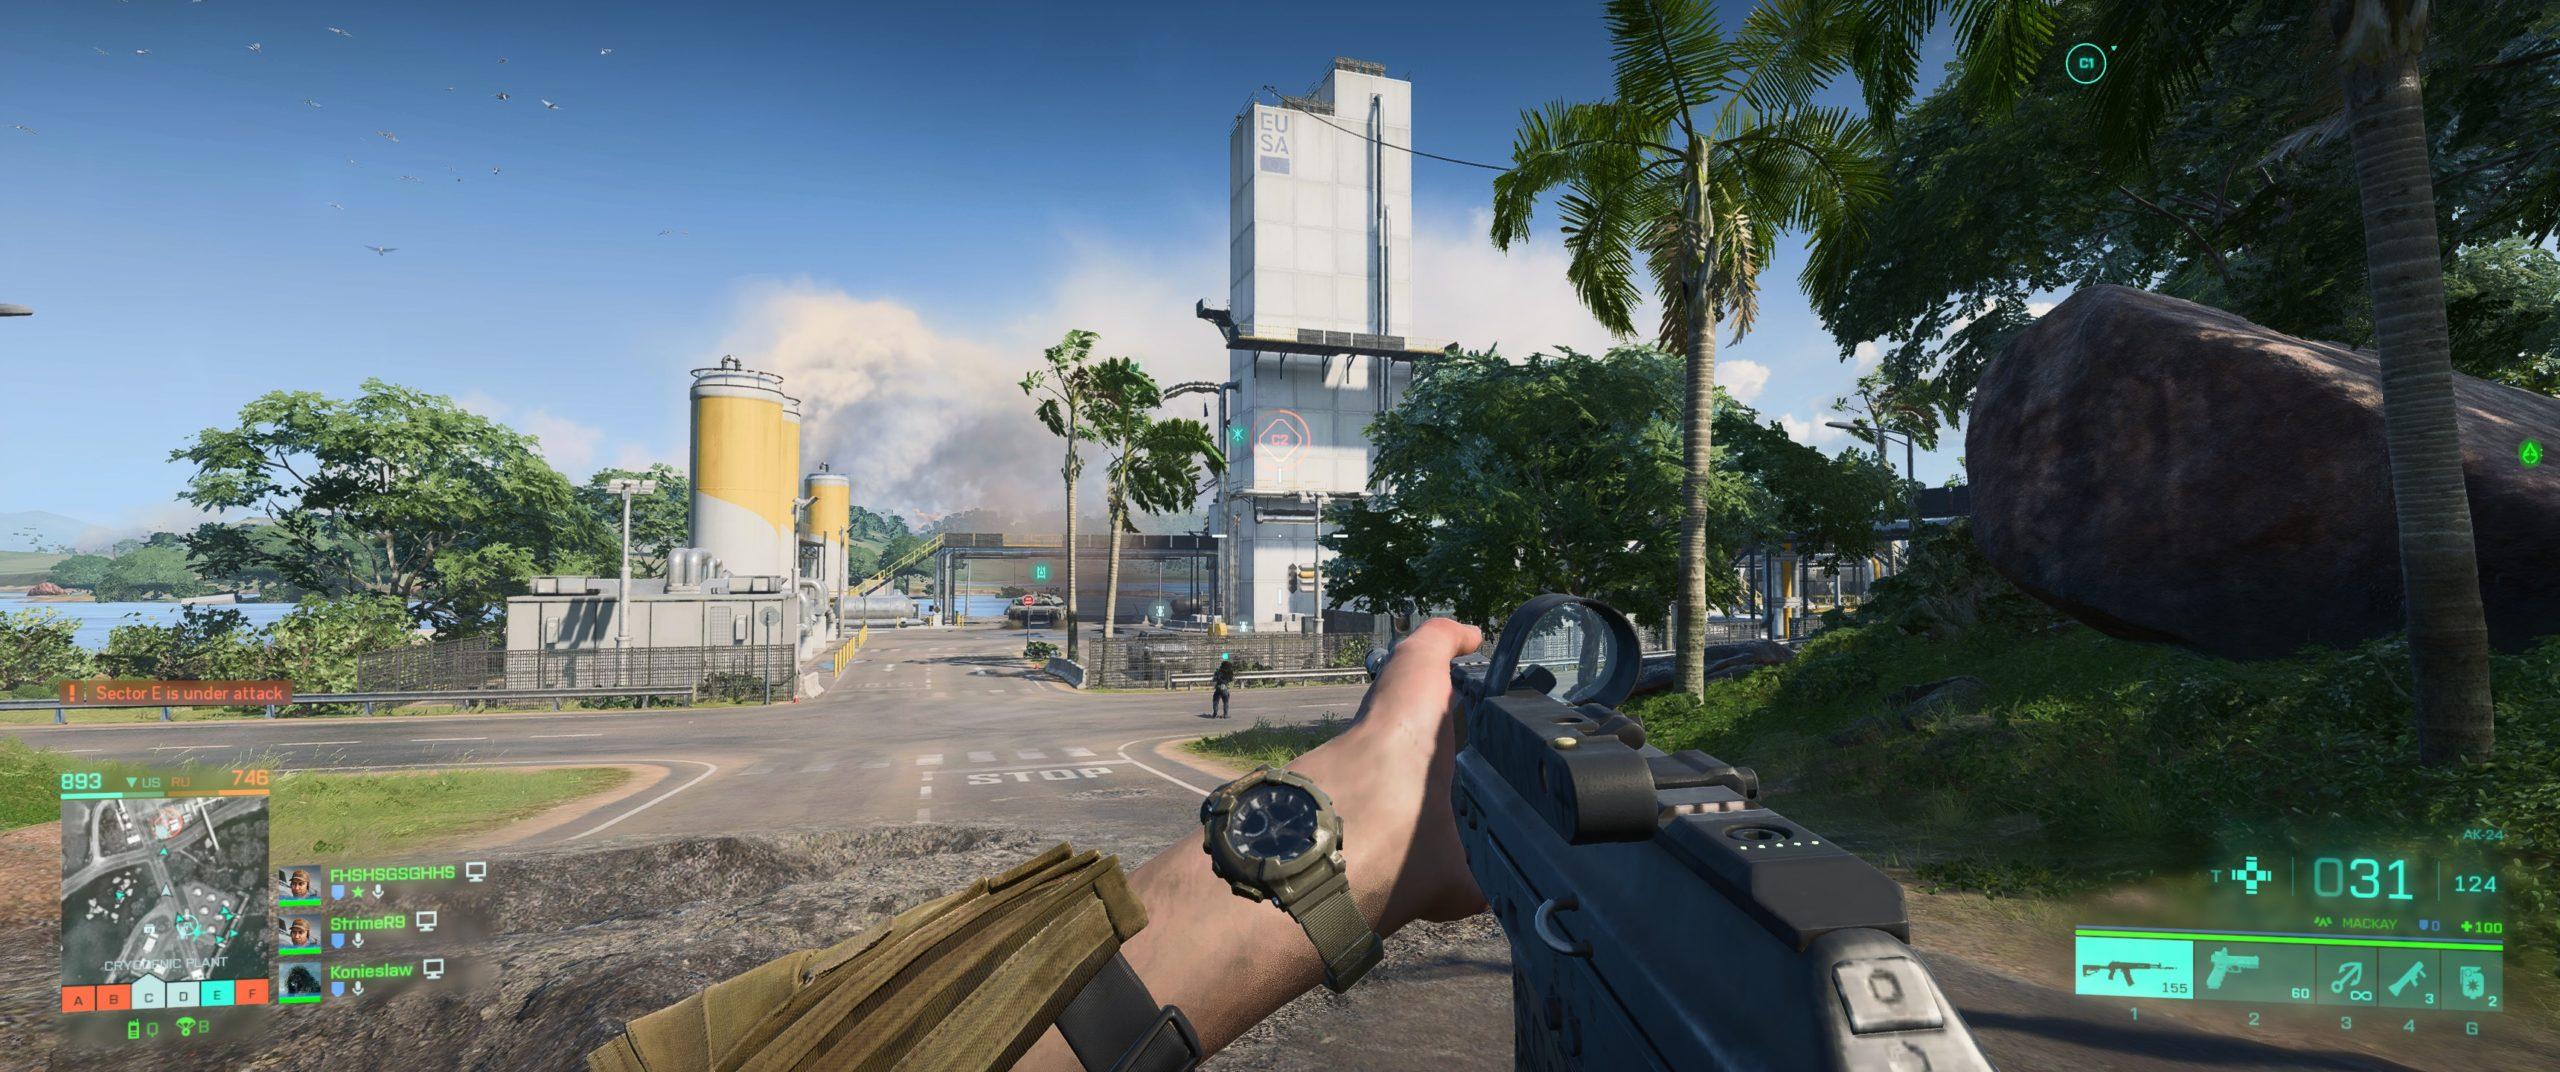 Battlefield 2042 - zrzut ekranu3